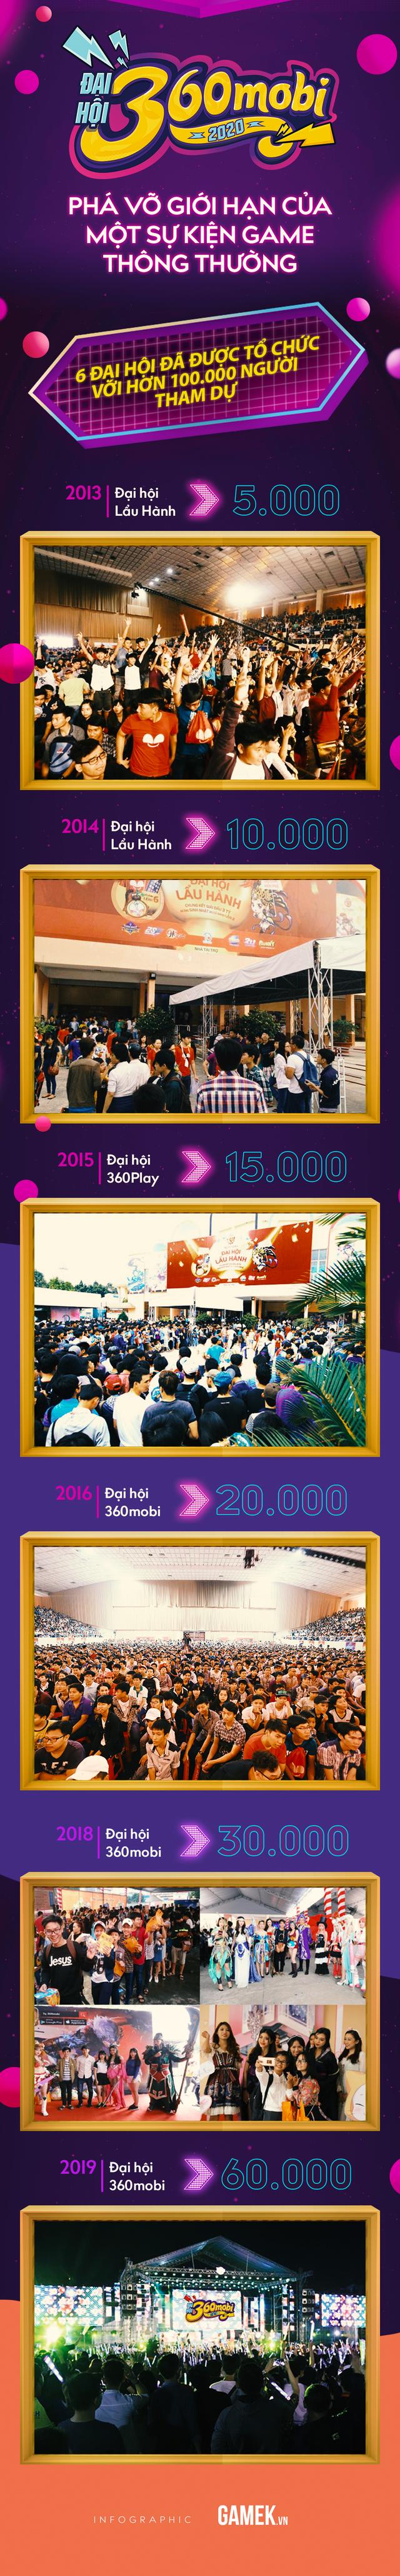 Đại hội 360mobi 2020 - Sự kiện Game lớn nhất Việt Nam đầu năm 2020 - Ảnh 1.